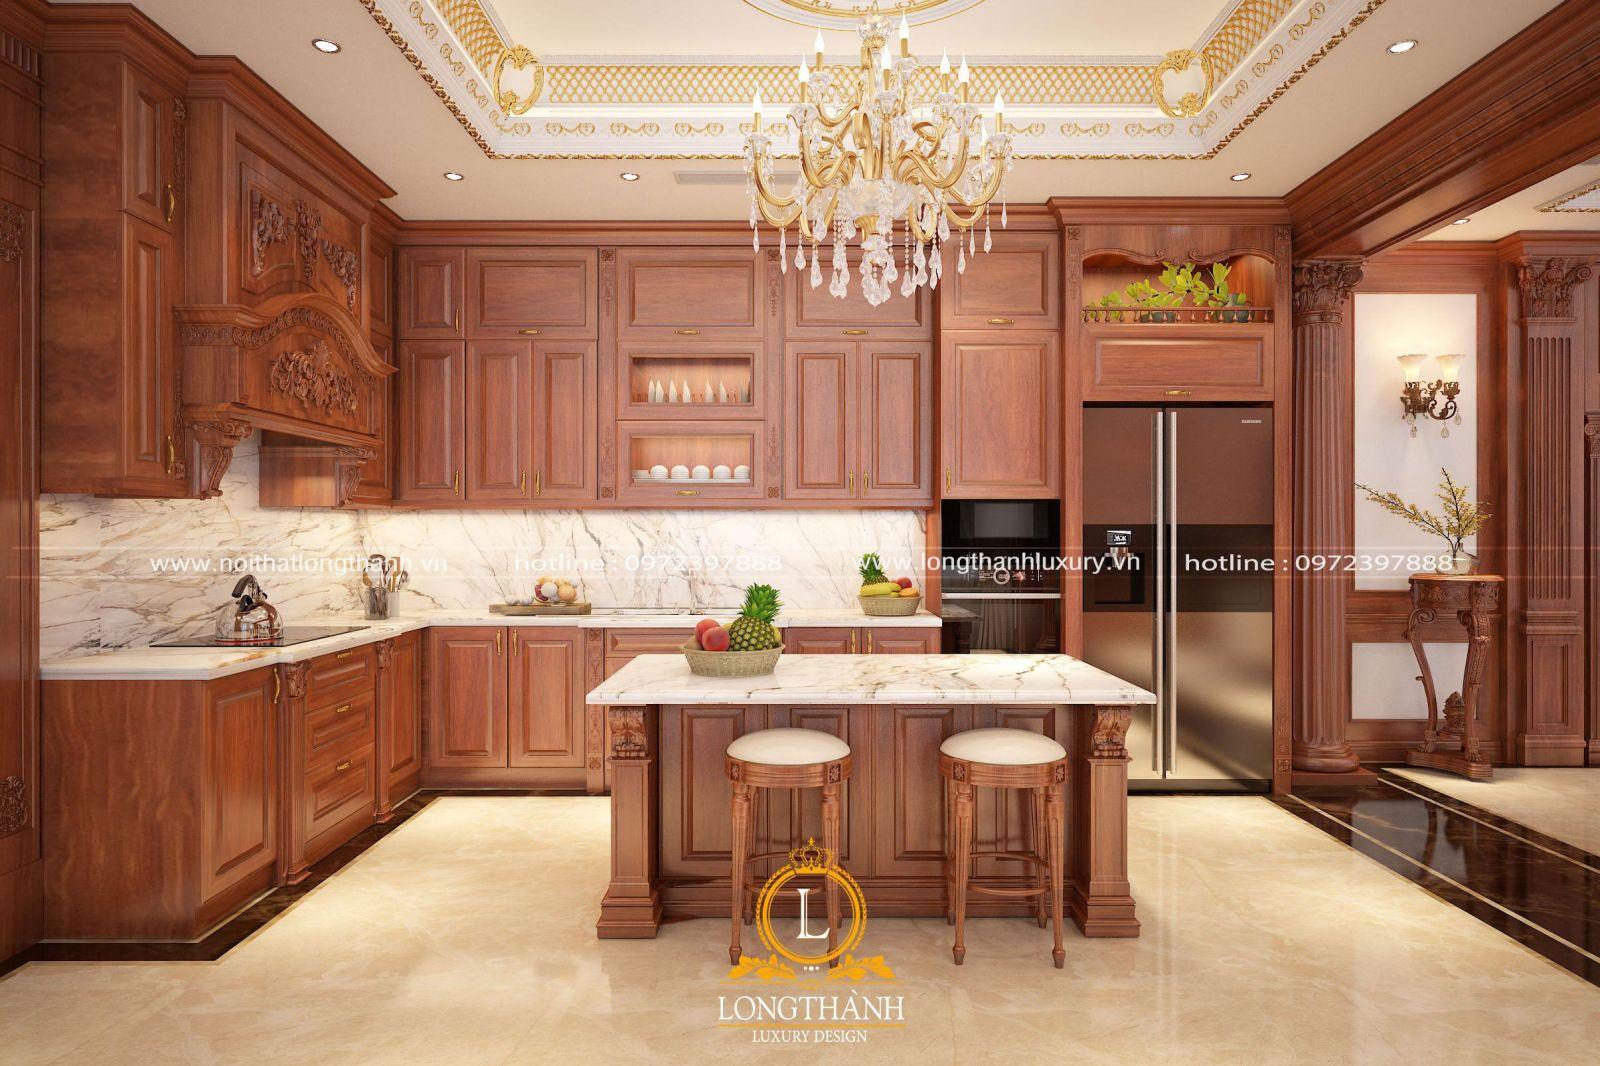 Bộ tủ bếp gỗ Gõ tự nhiên cao cấp cho không gian nhà rộng